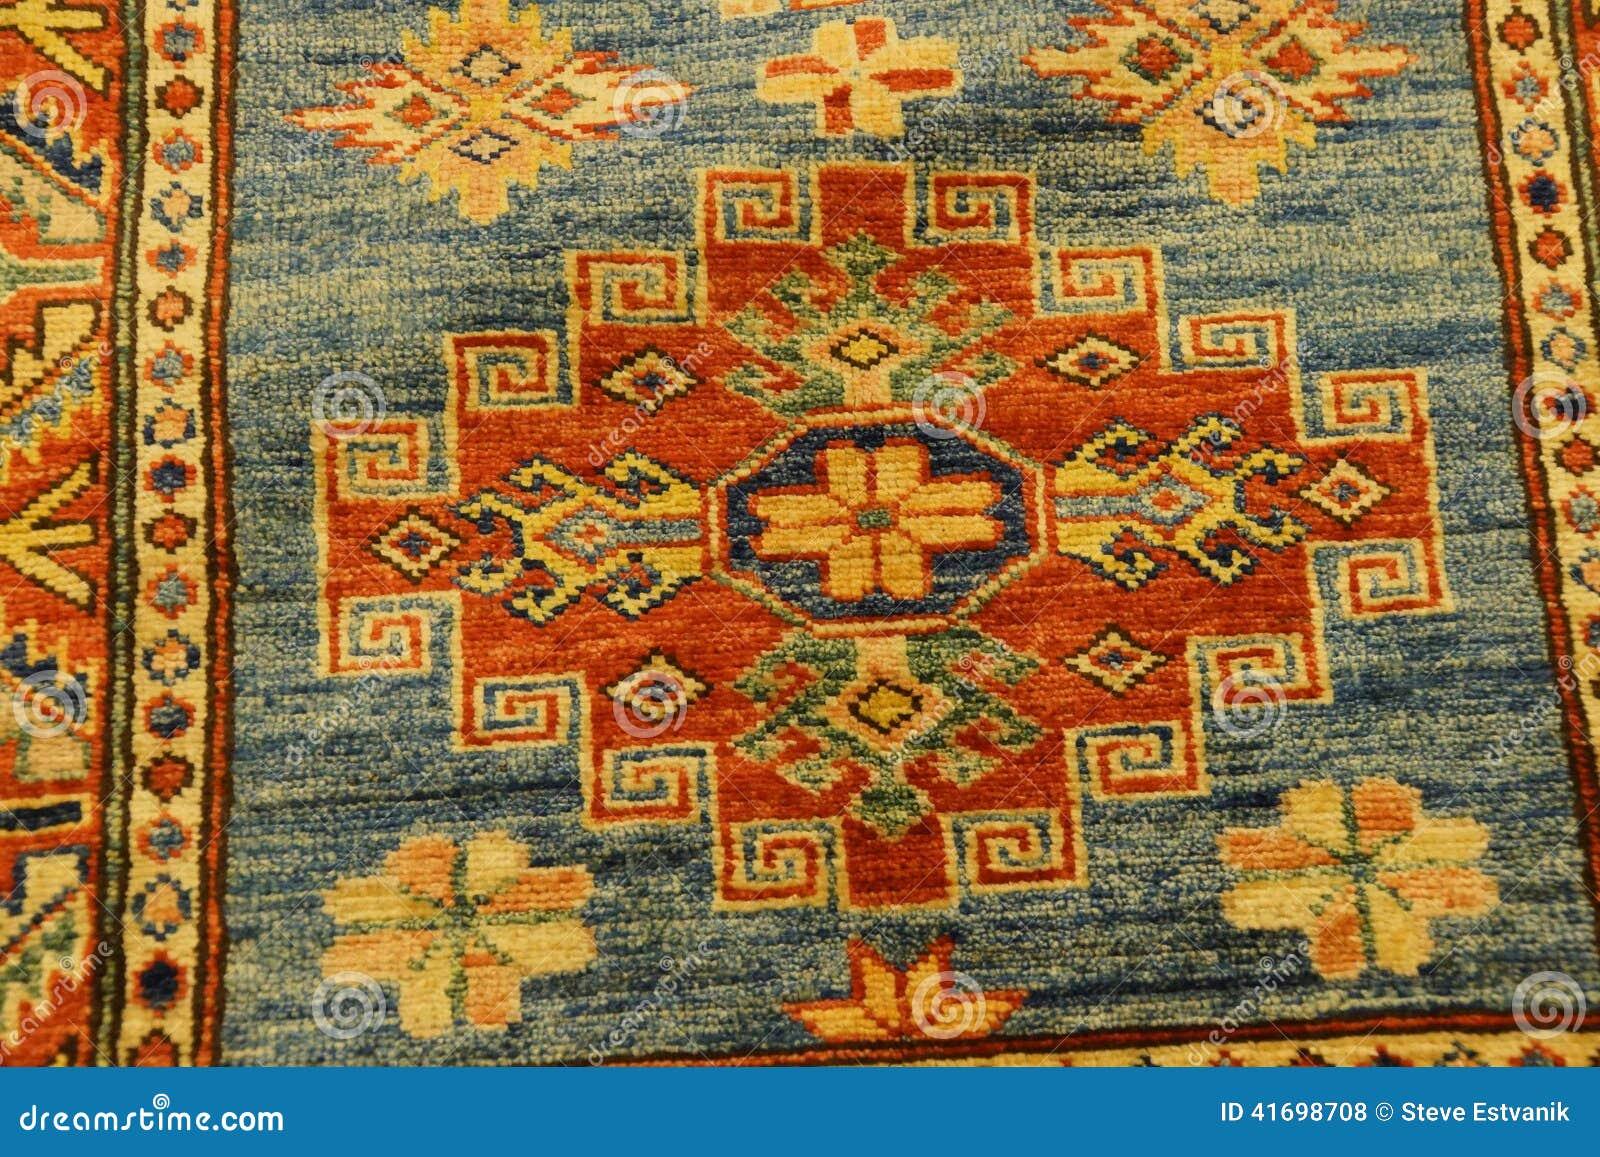 Detalles de modelos azules complejos en alfombras turcas for Alfombras turcas baratas